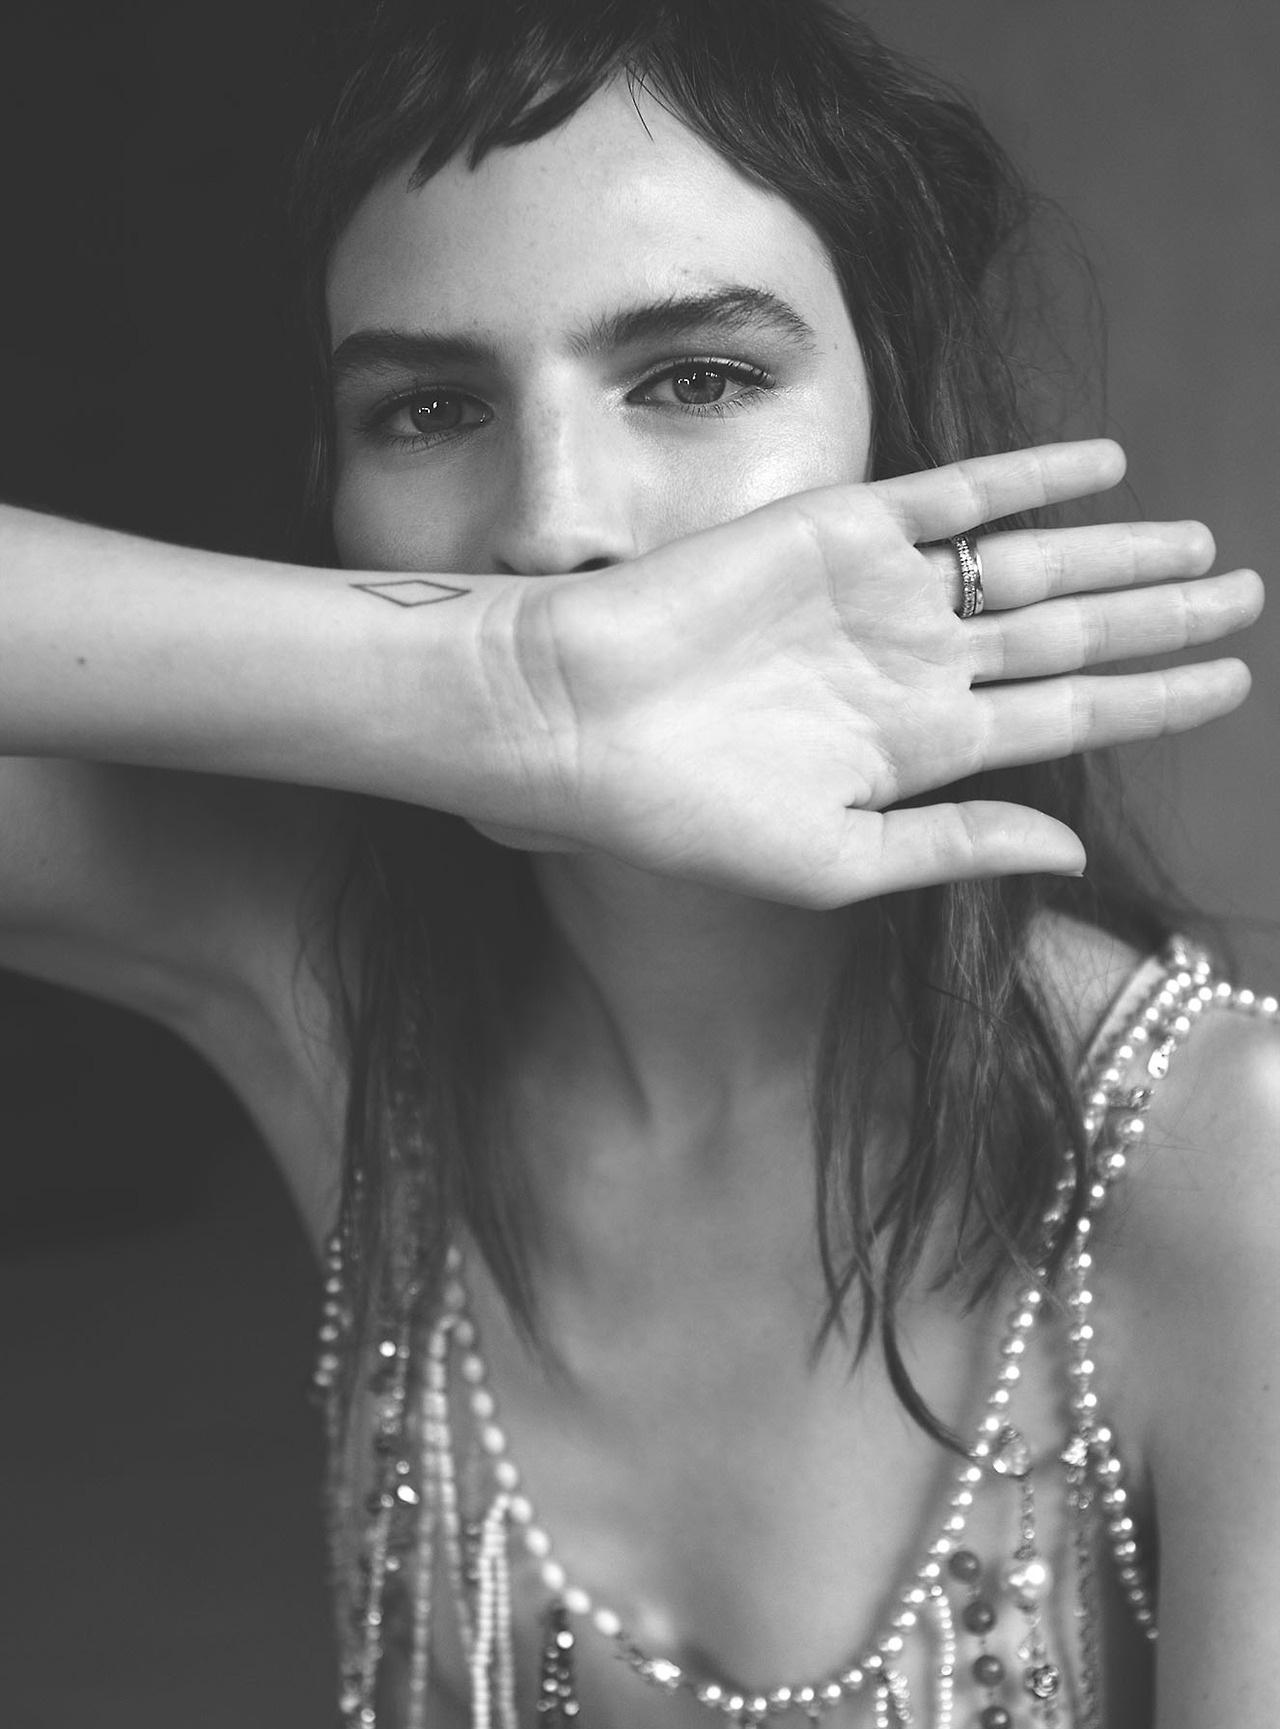 Sophie_Hirschy_Hirschfelder-Alex_Franco-03.jpeg